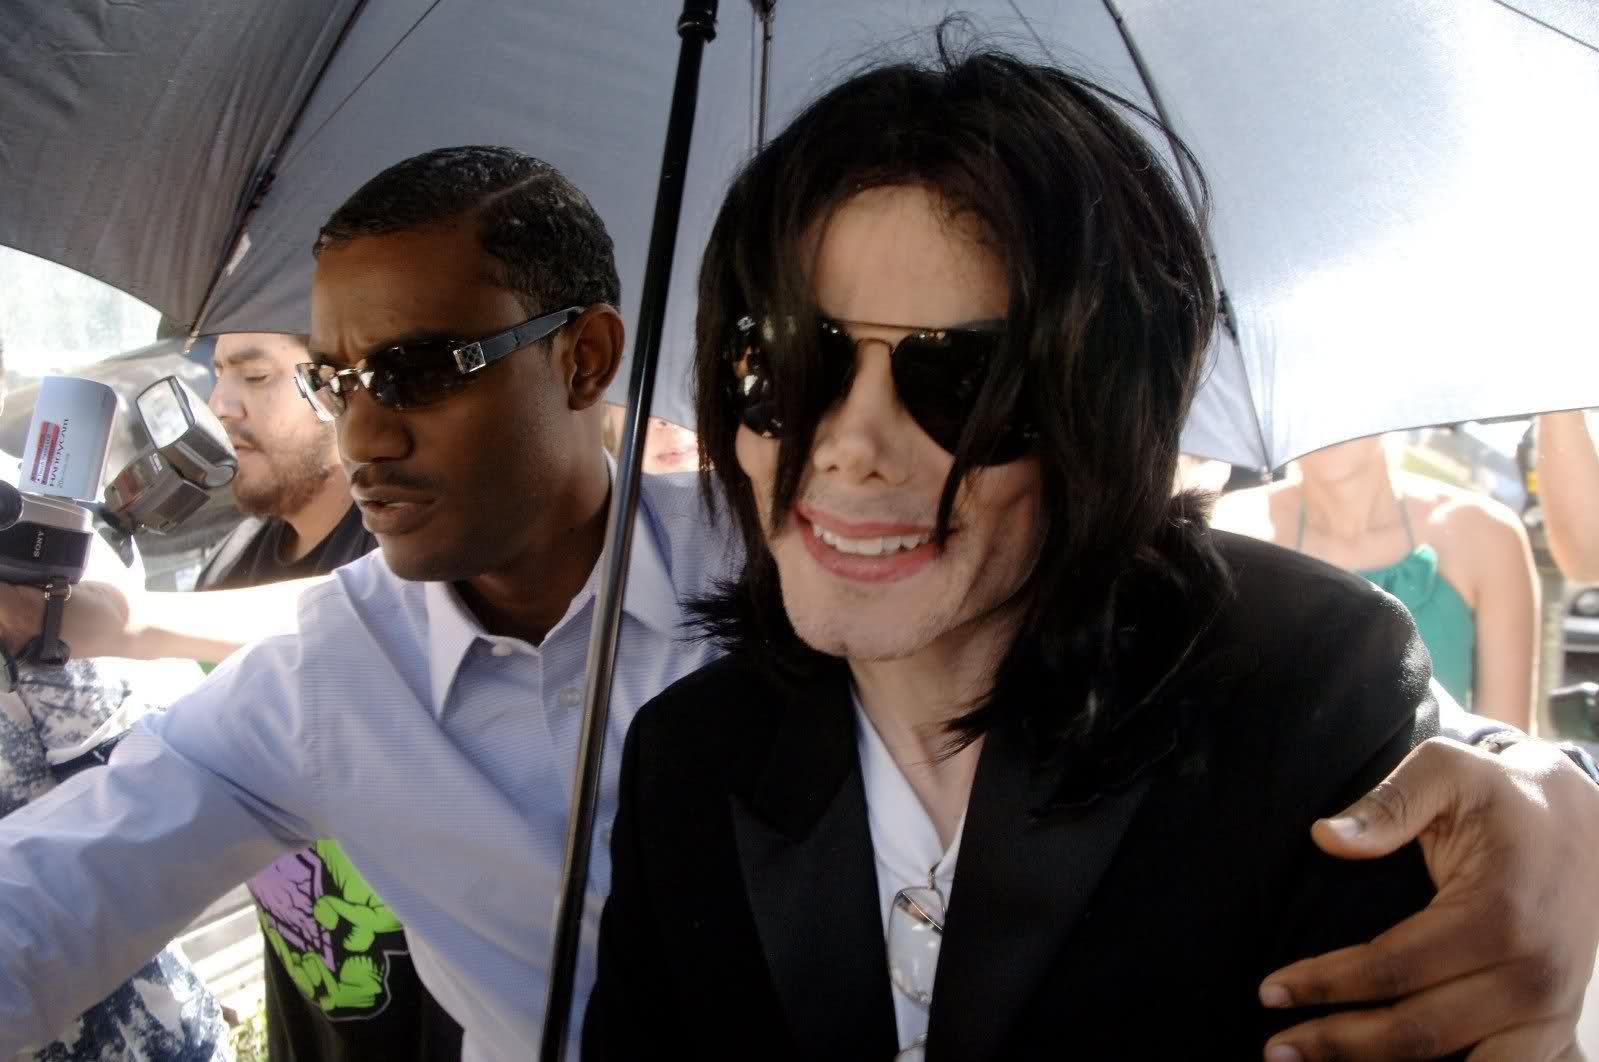 Il sorriso di Michael - Pagina 17 34ocyhg